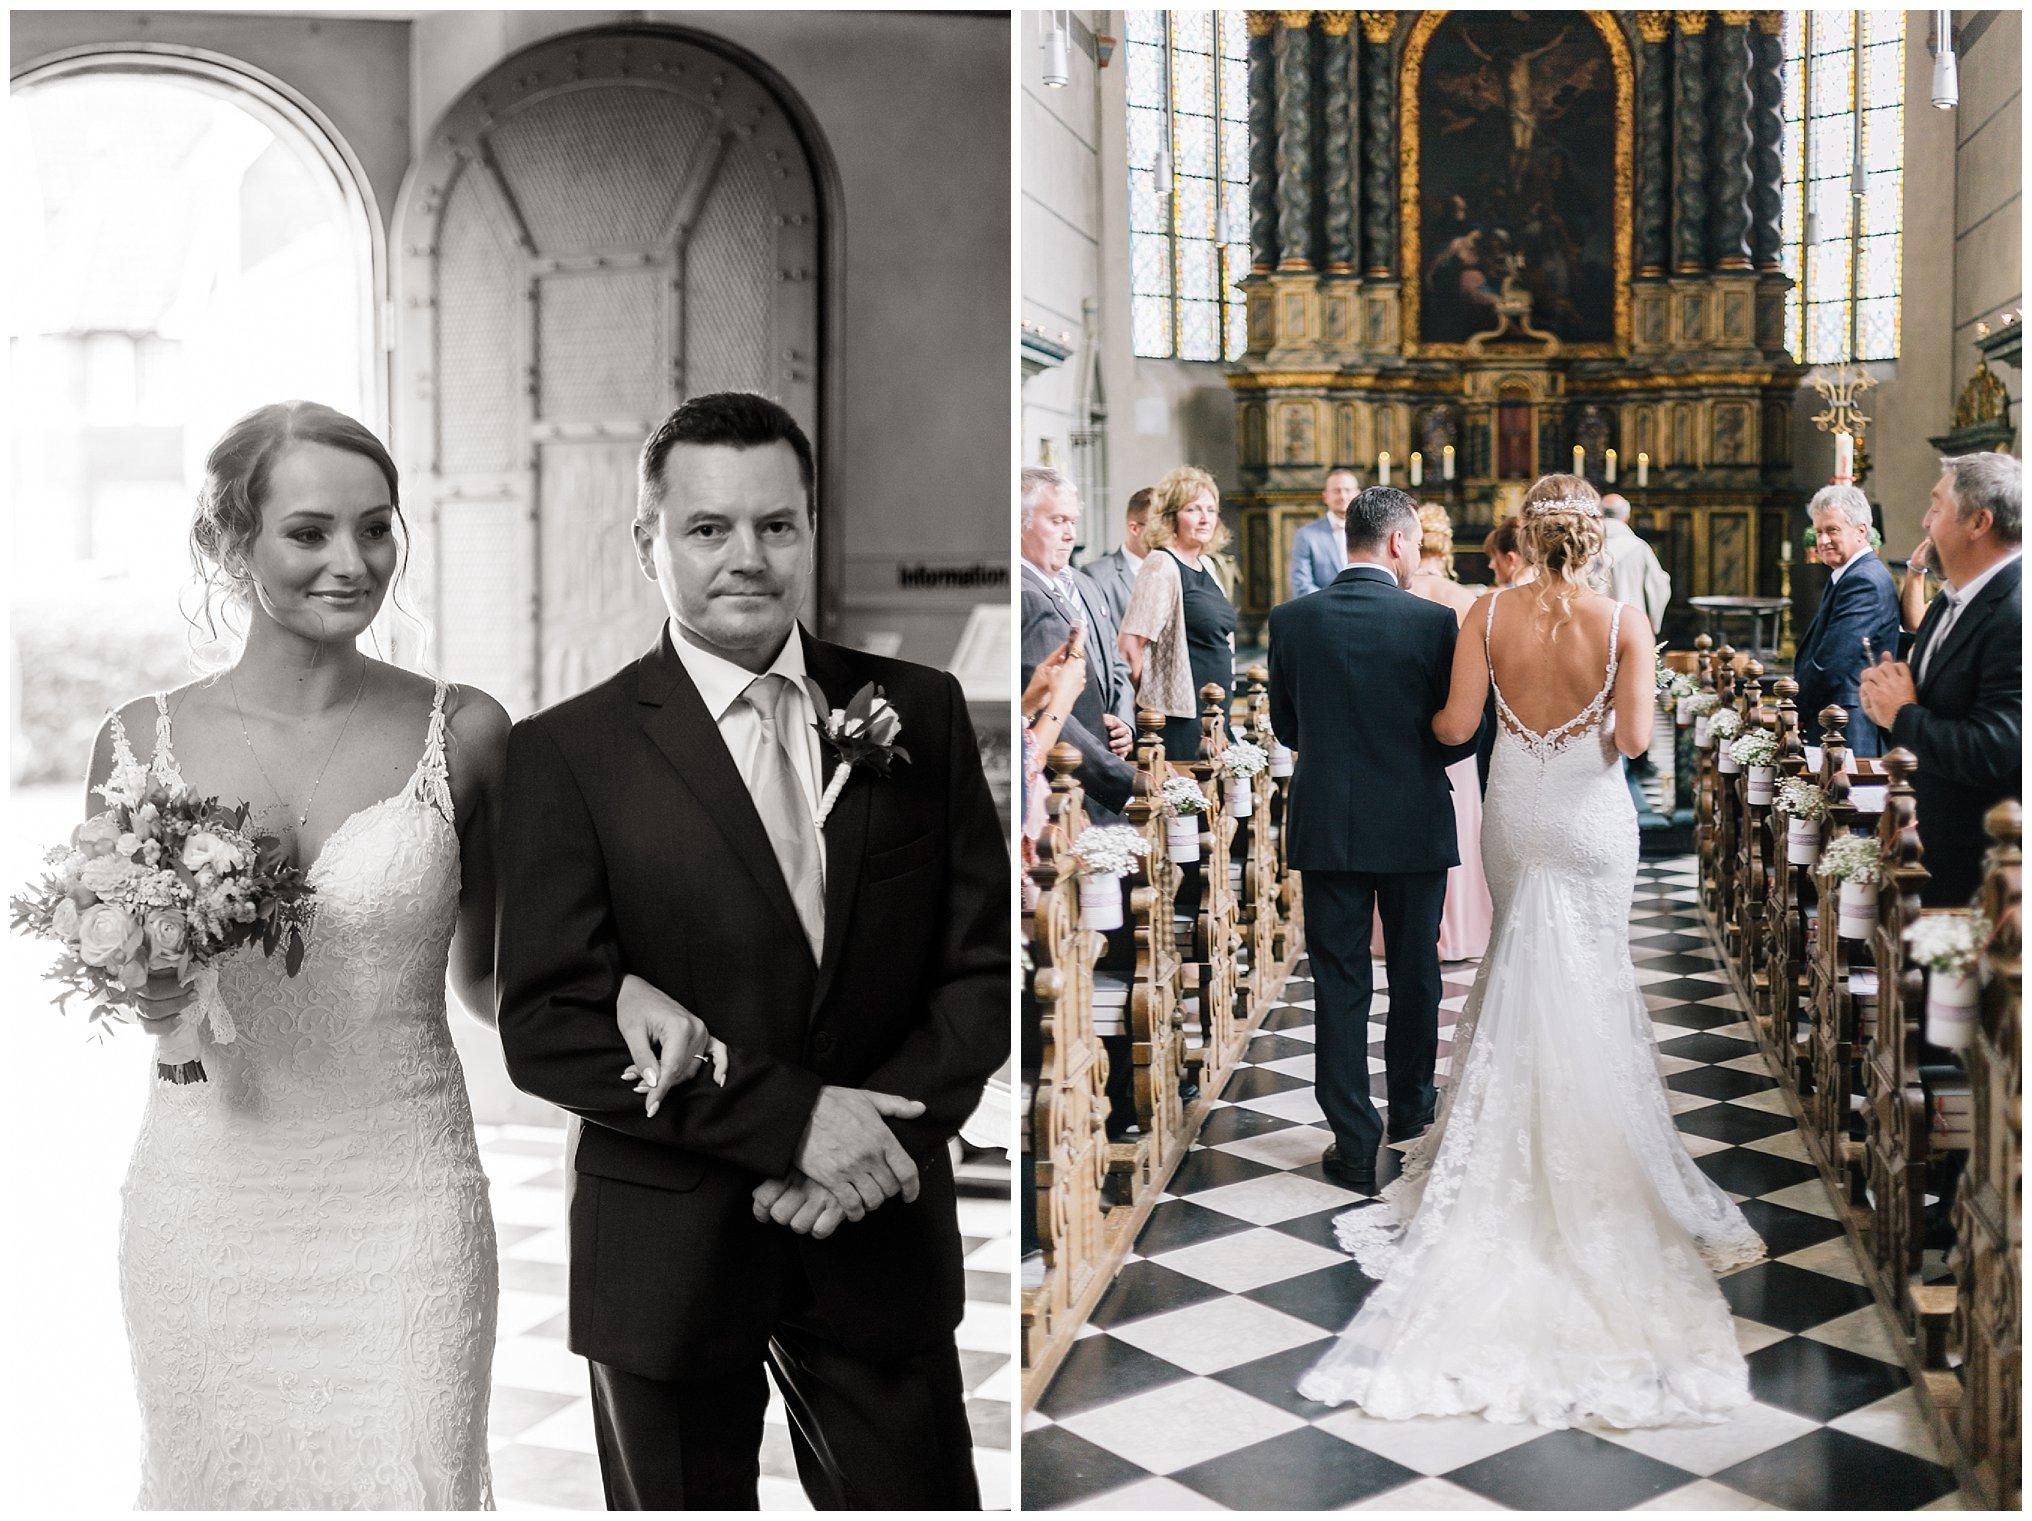 Einzug braut Kirche Golfhotel Vesper Hochzeit Sprockhövel Hochzeitsfotograf Jane Weber boho chic vintage fine art